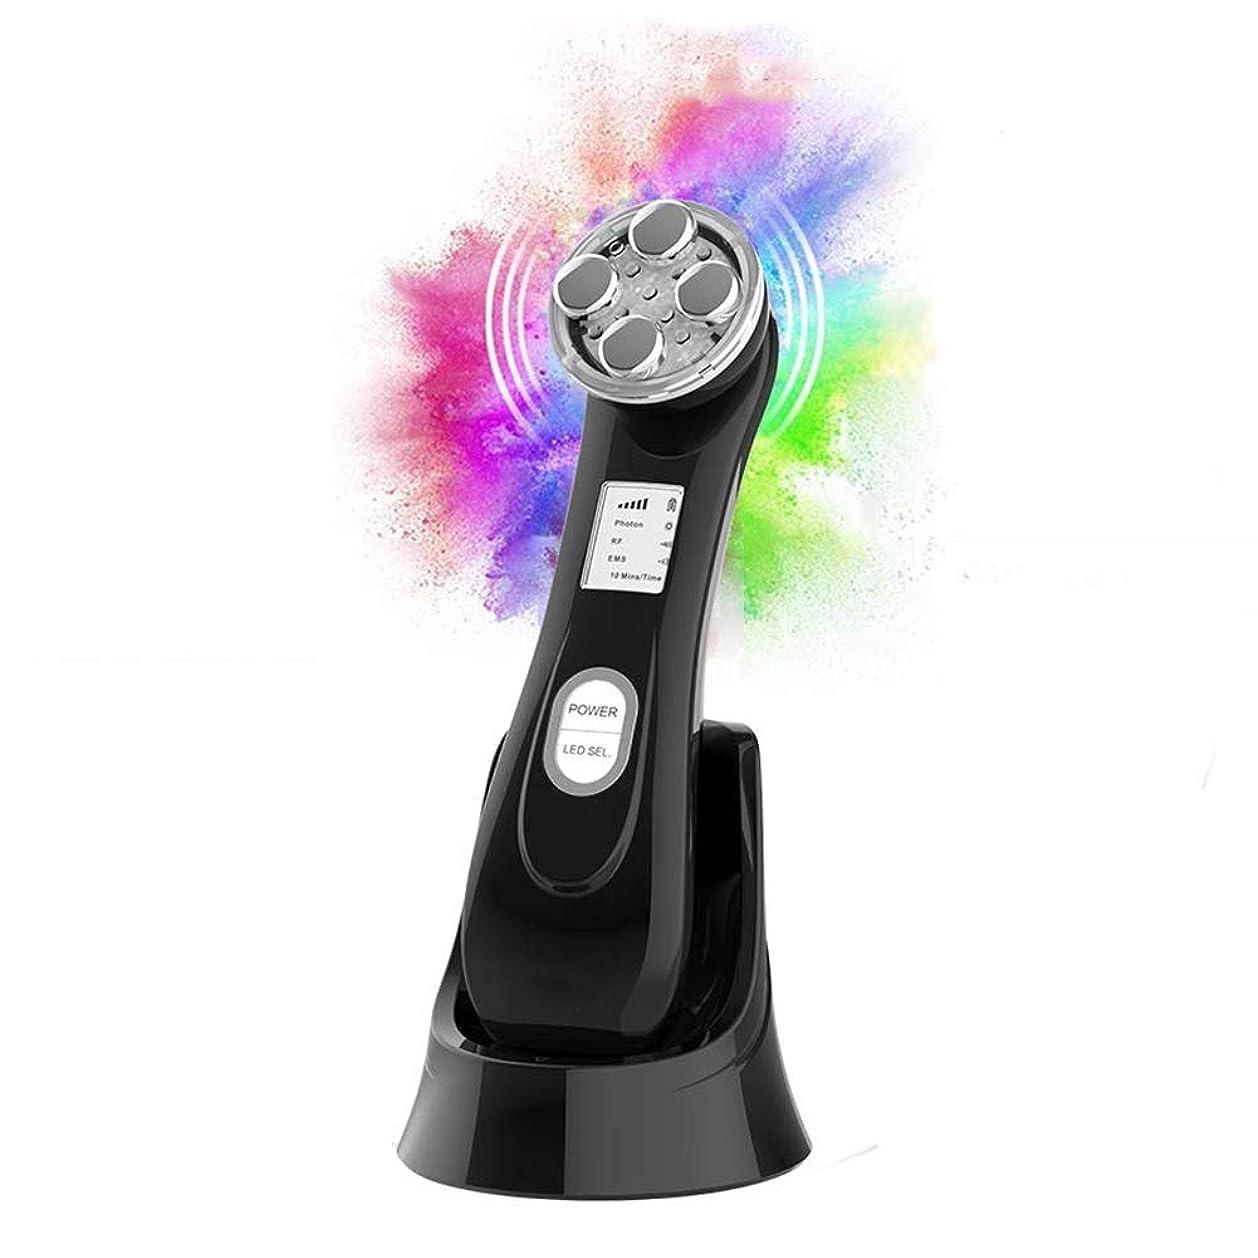 プライバシー親密な確執機械をきつく締める1つの皮に付き6つ、持ち上がる美機械高周波USBの再充電可能なEMS超音波LEDの顔の光子の顔のスキンケアをきつく締めるRFの美の反老化の反アクネの顔